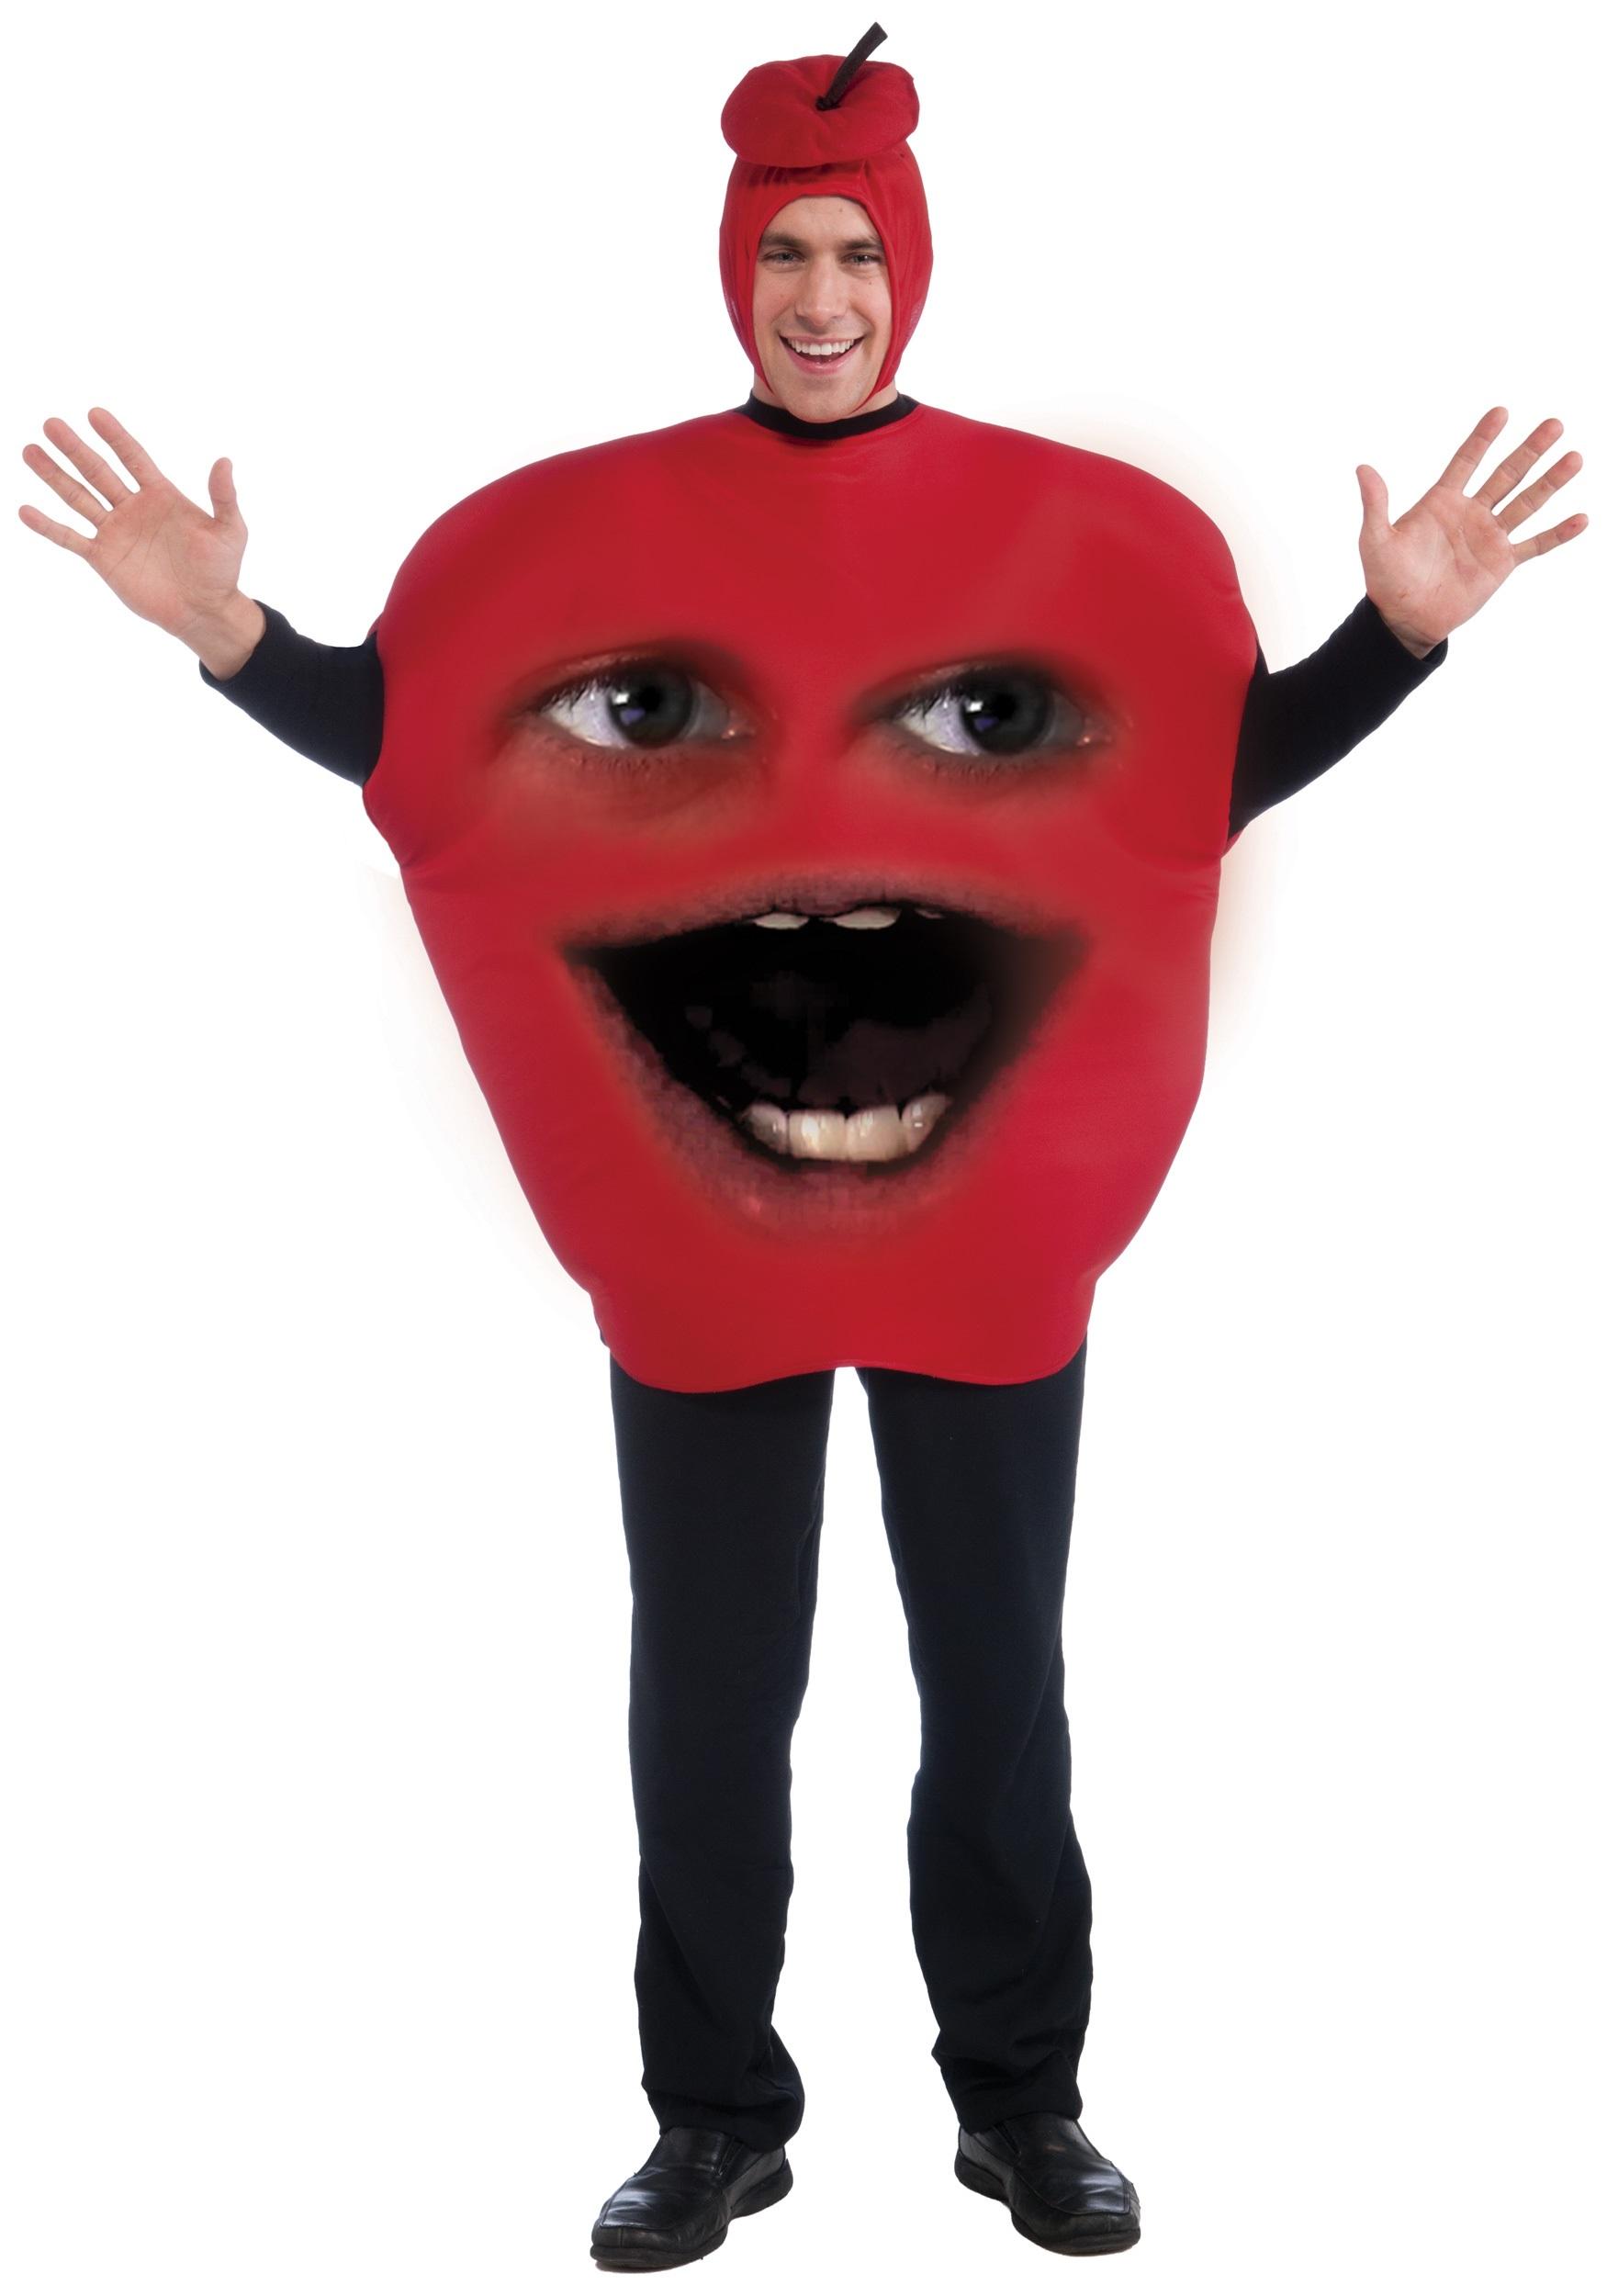 Adult Midget Apple Costume  sc 1 st  Halloween Costumes & Adult Midget Apple Costume - Halloween Costumes